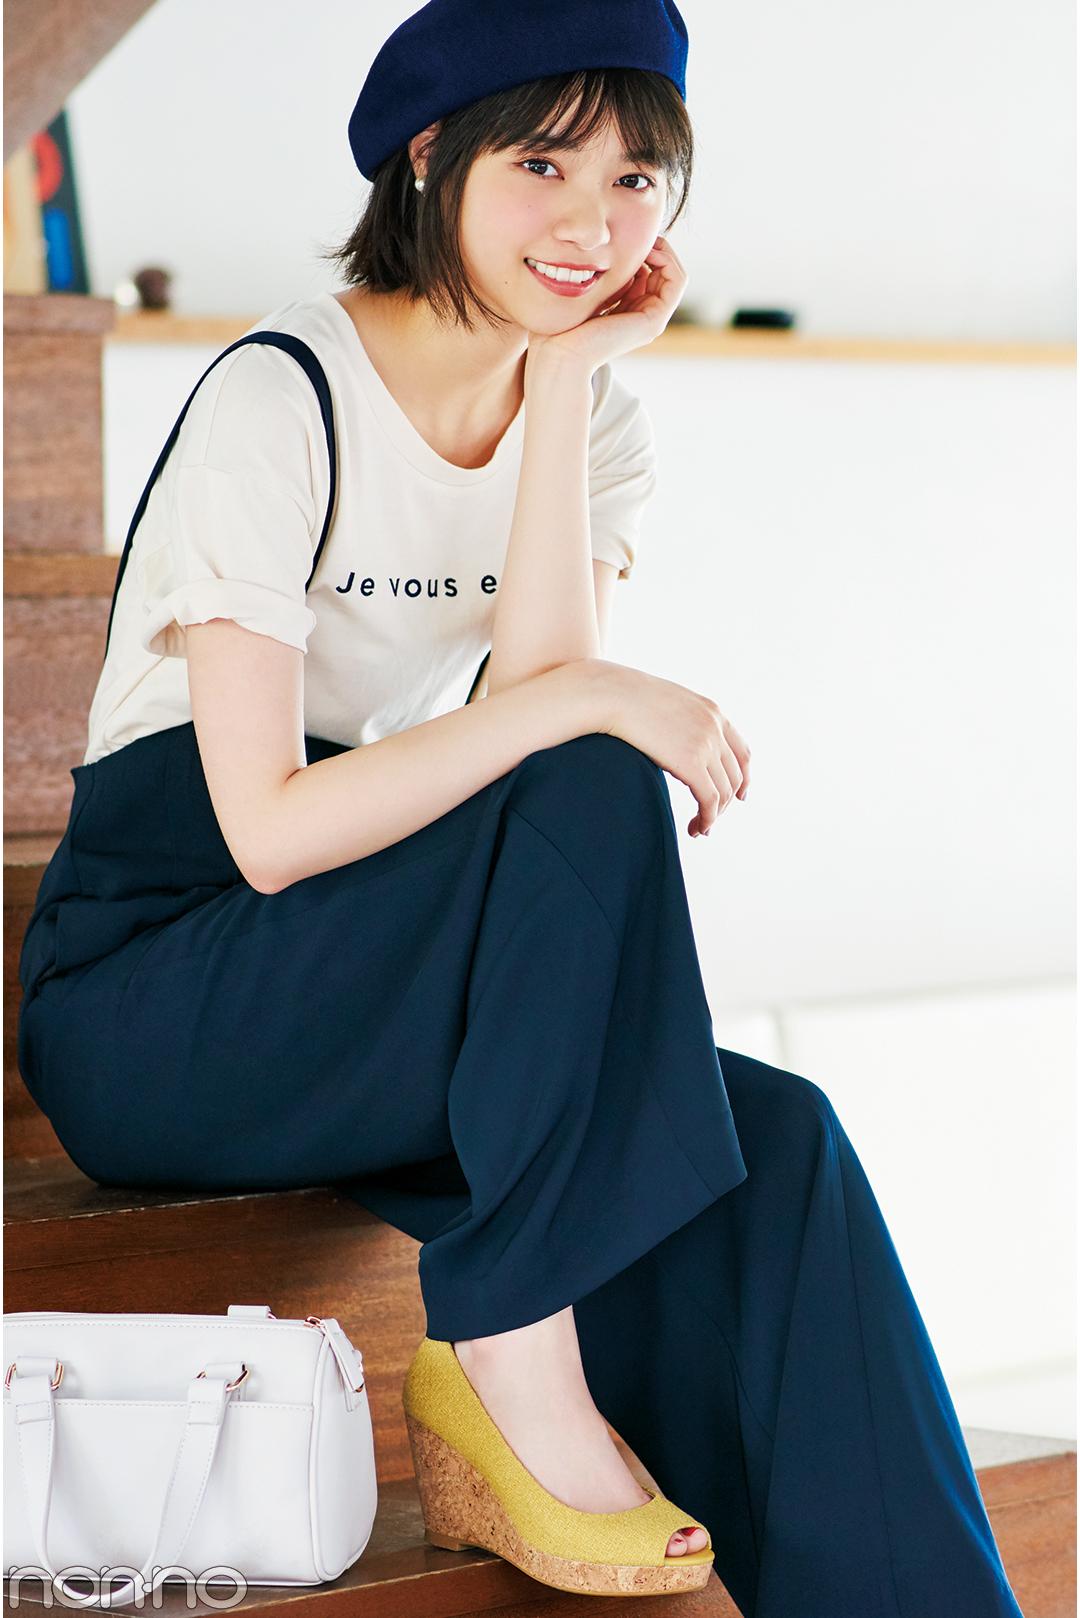 西野七瀬の夏スタイル♡ ロゴTシャツ着回しコーデ1×3!_1_3-1